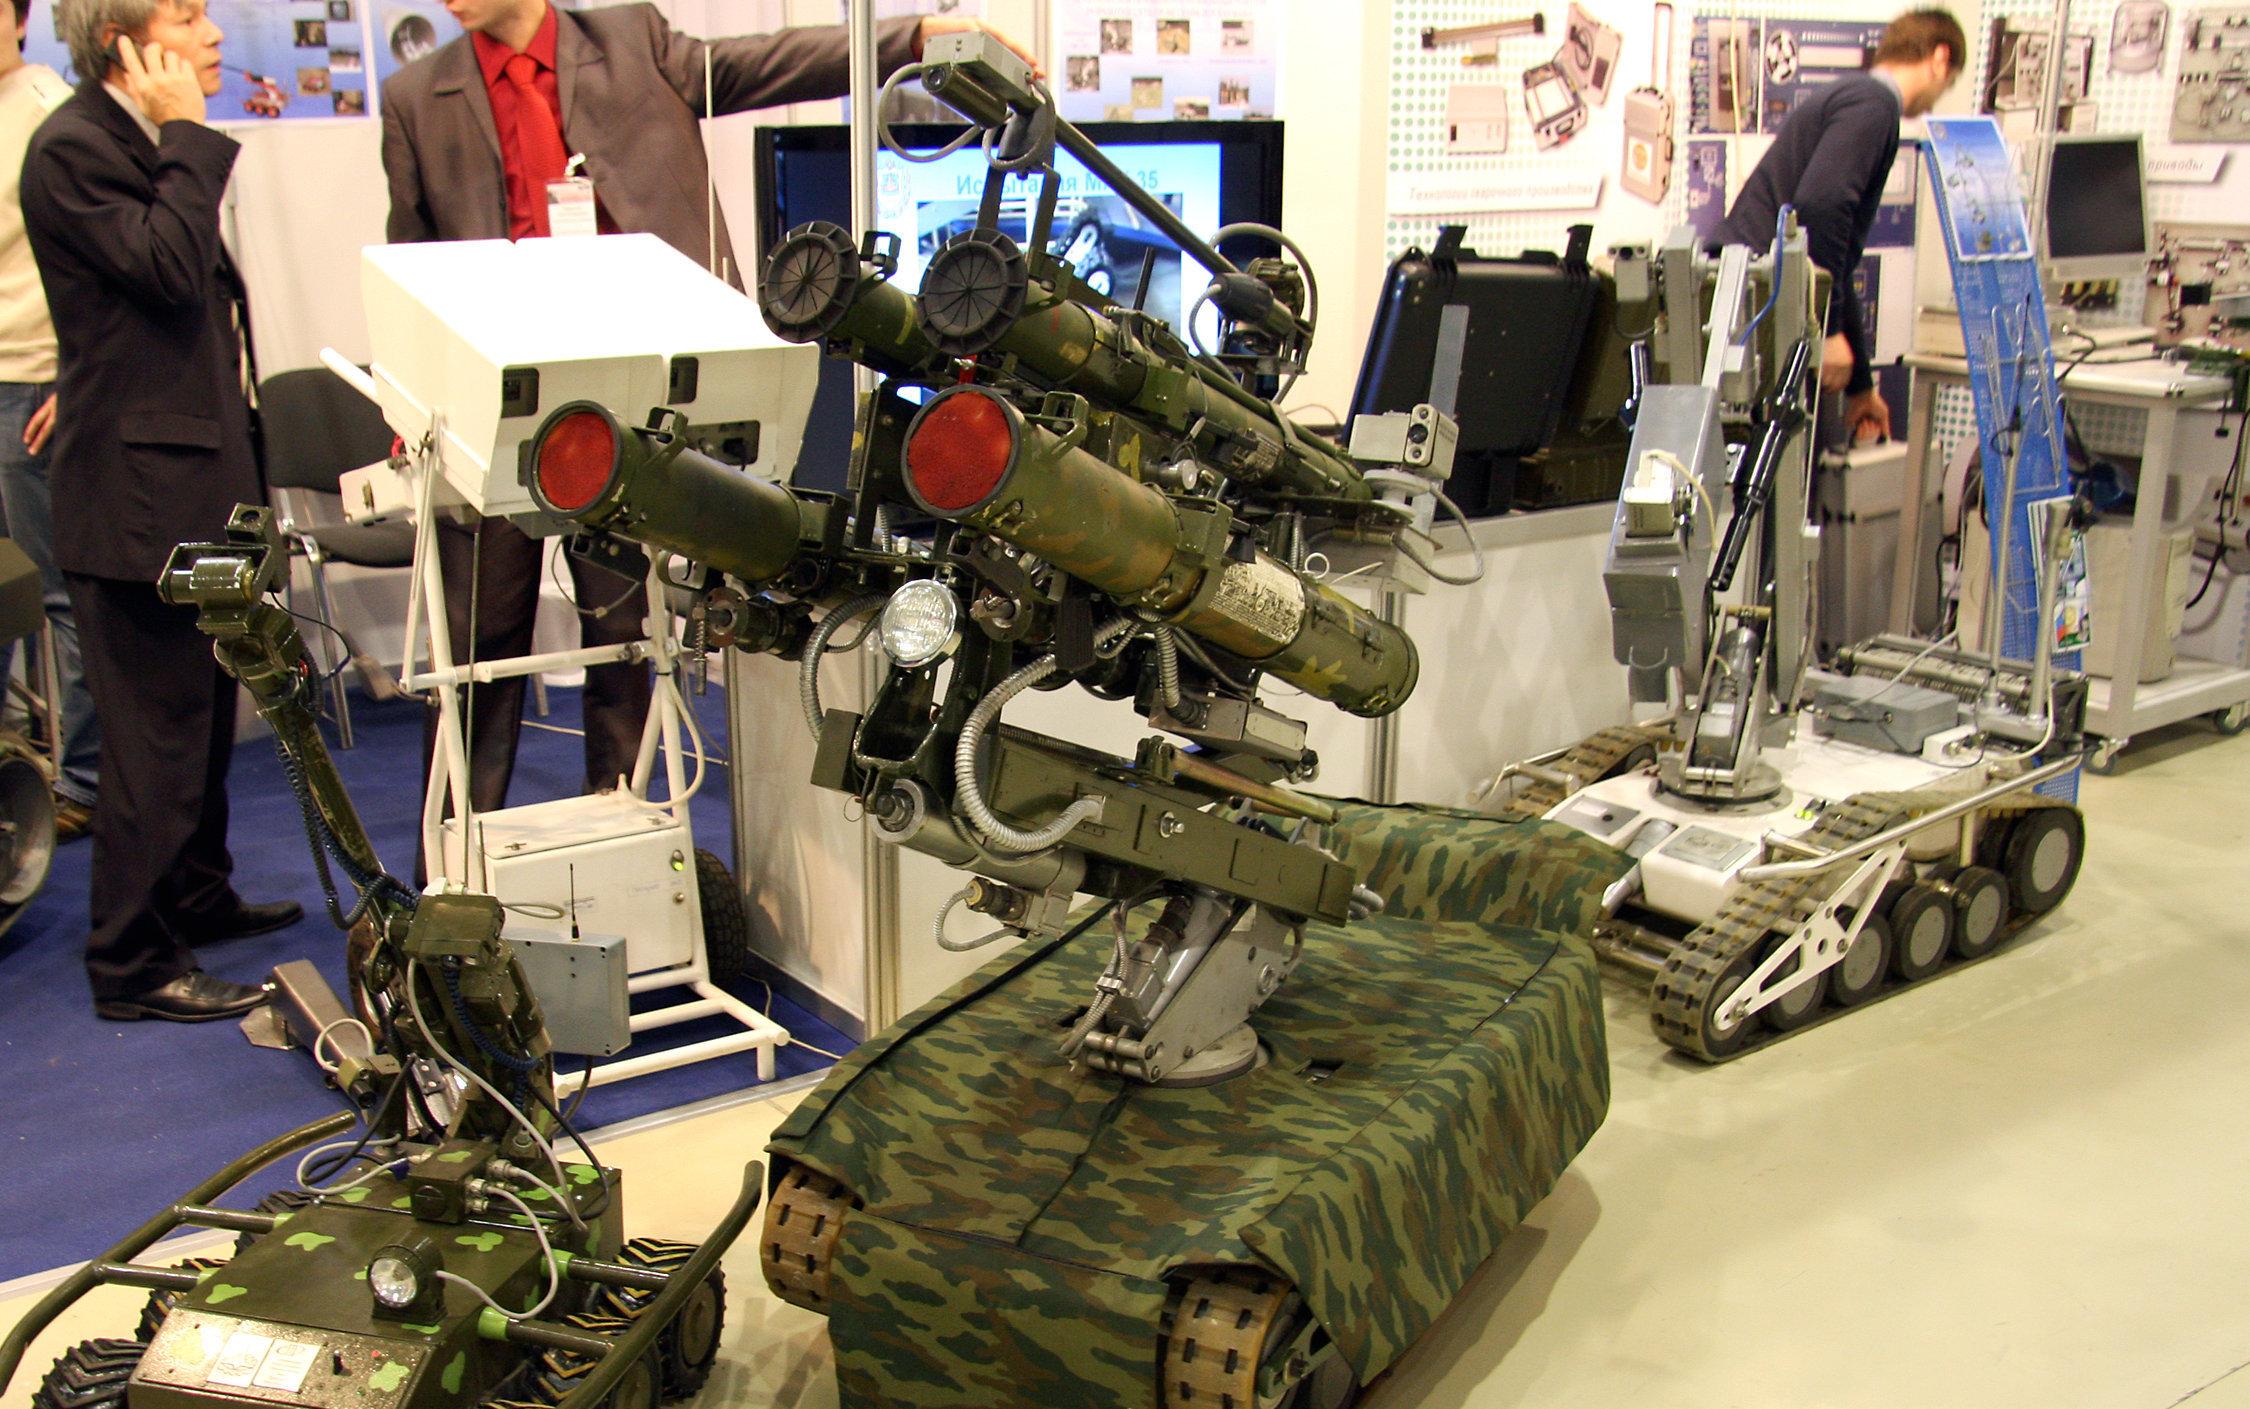 Robot MRK-27 BT